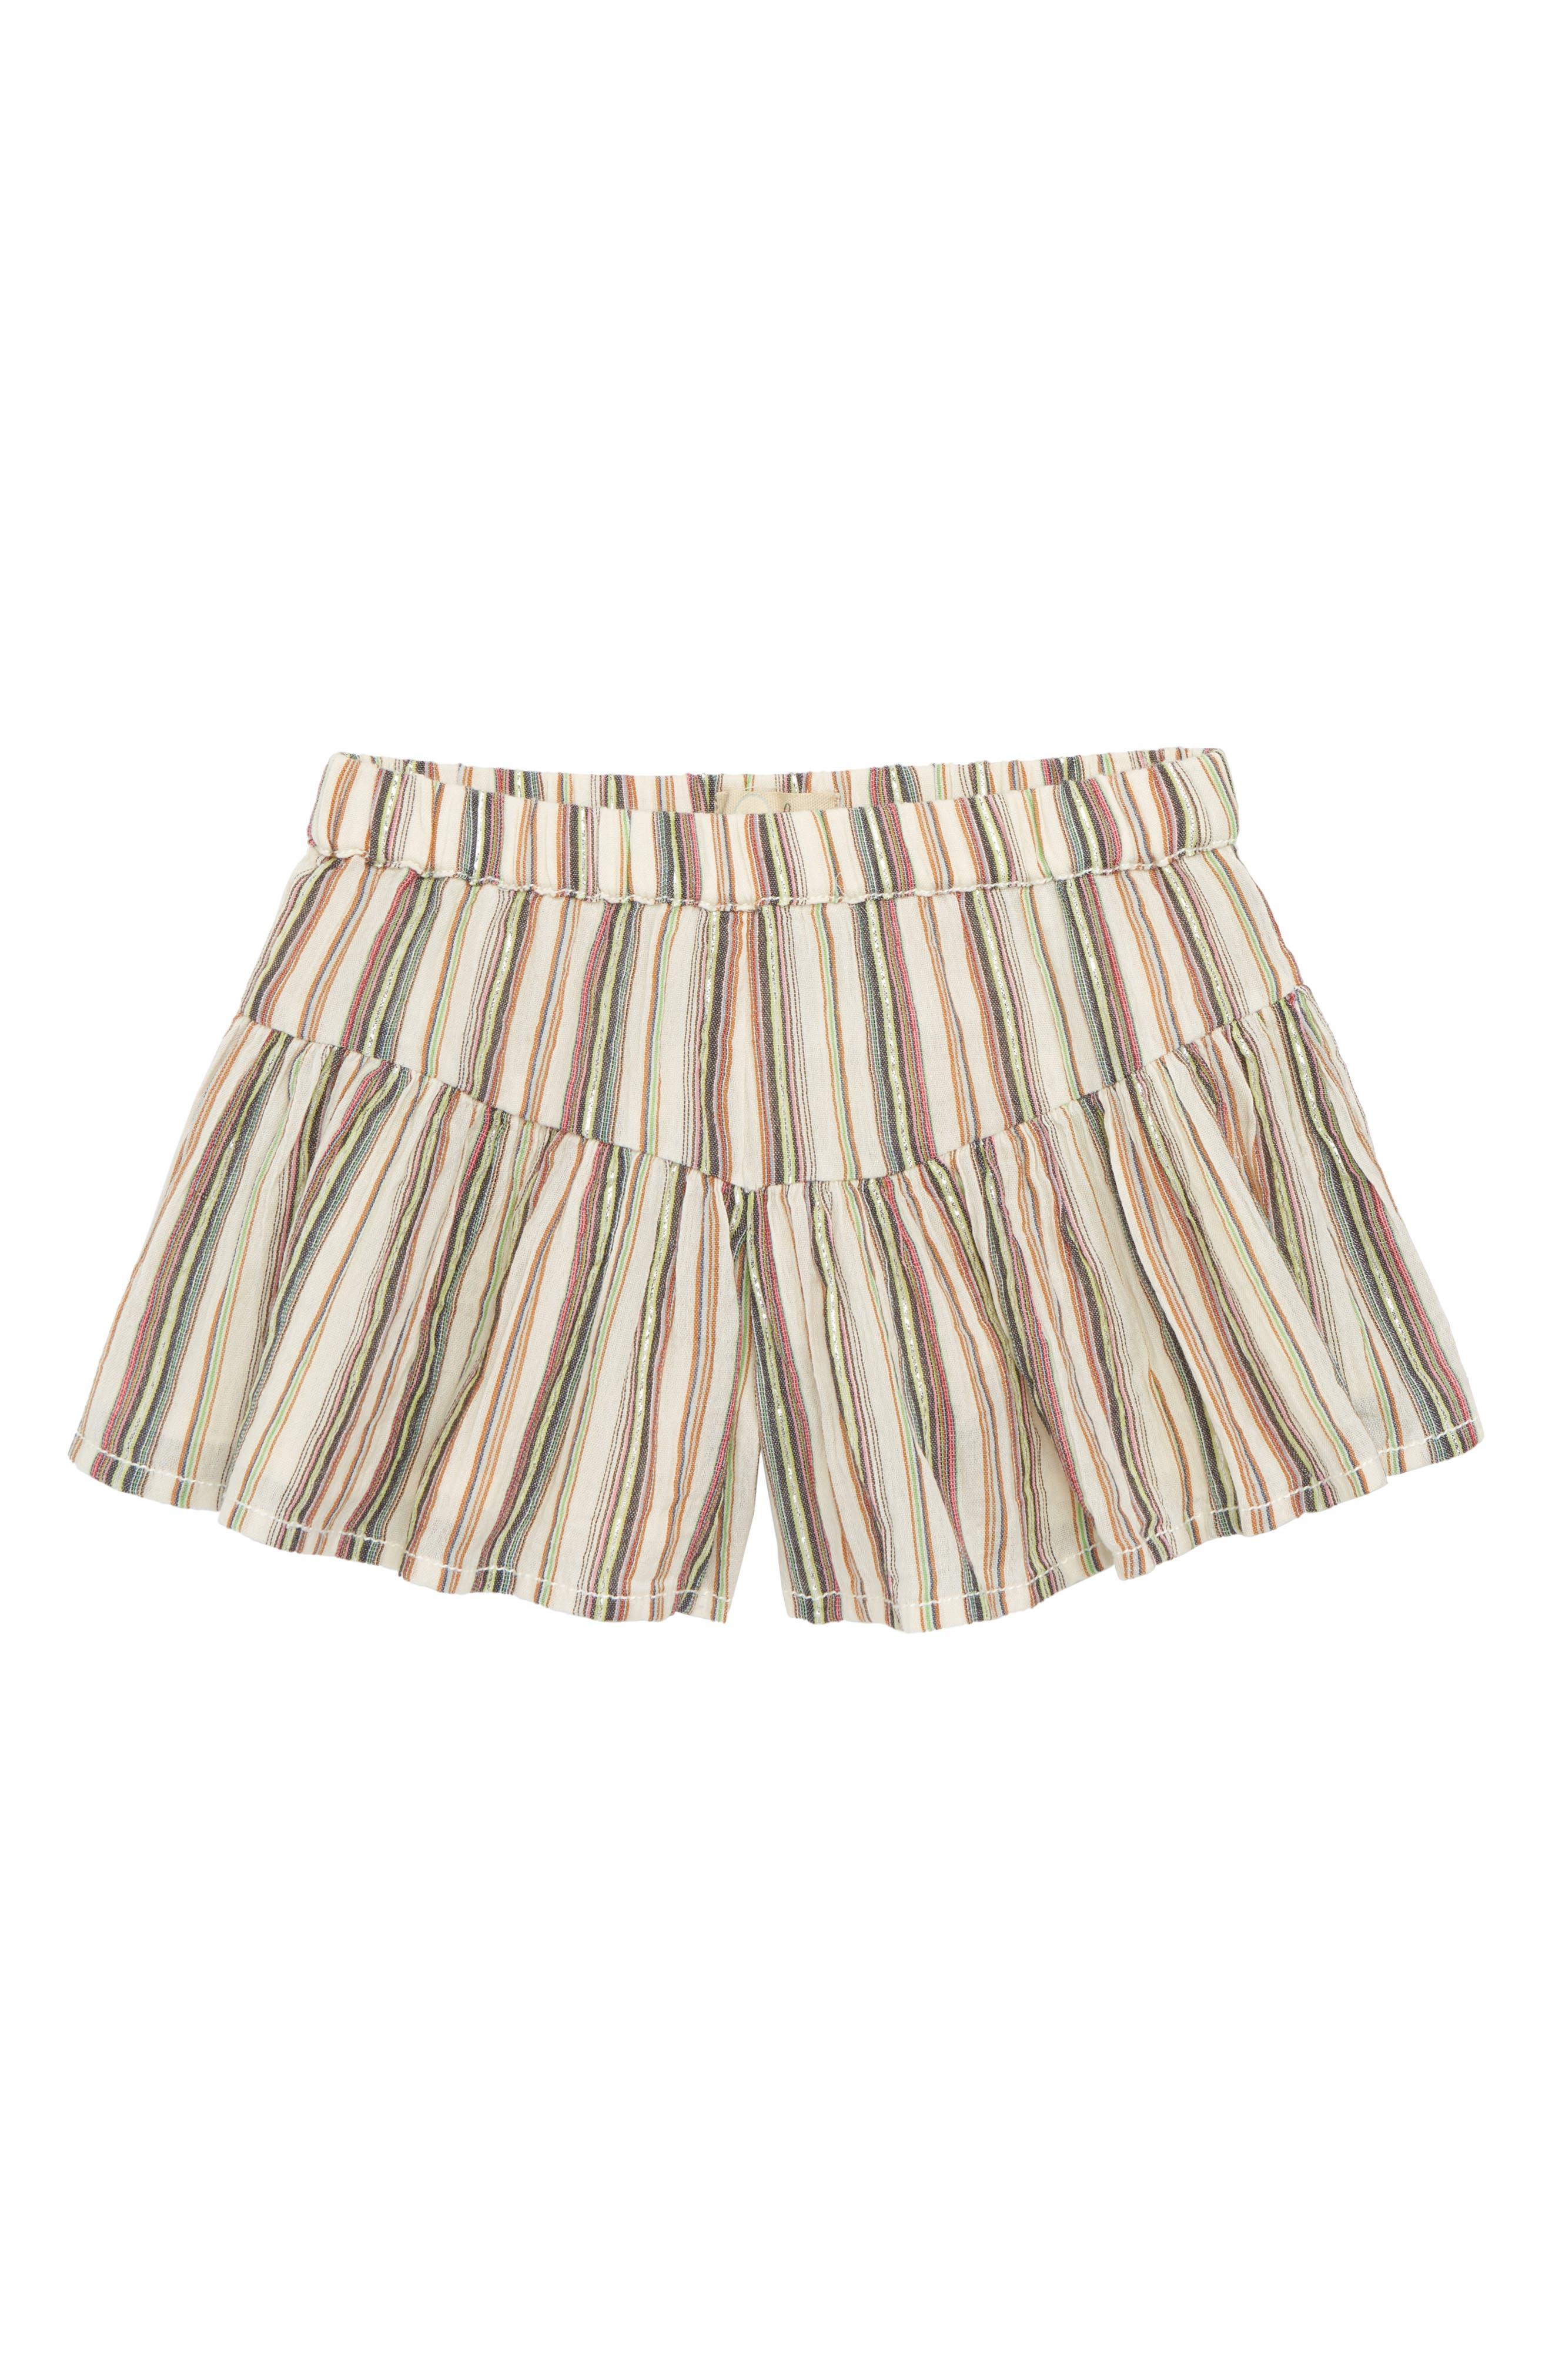 Nora Woven Shorts,                             Main thumbnail 1, color,                             Ivory